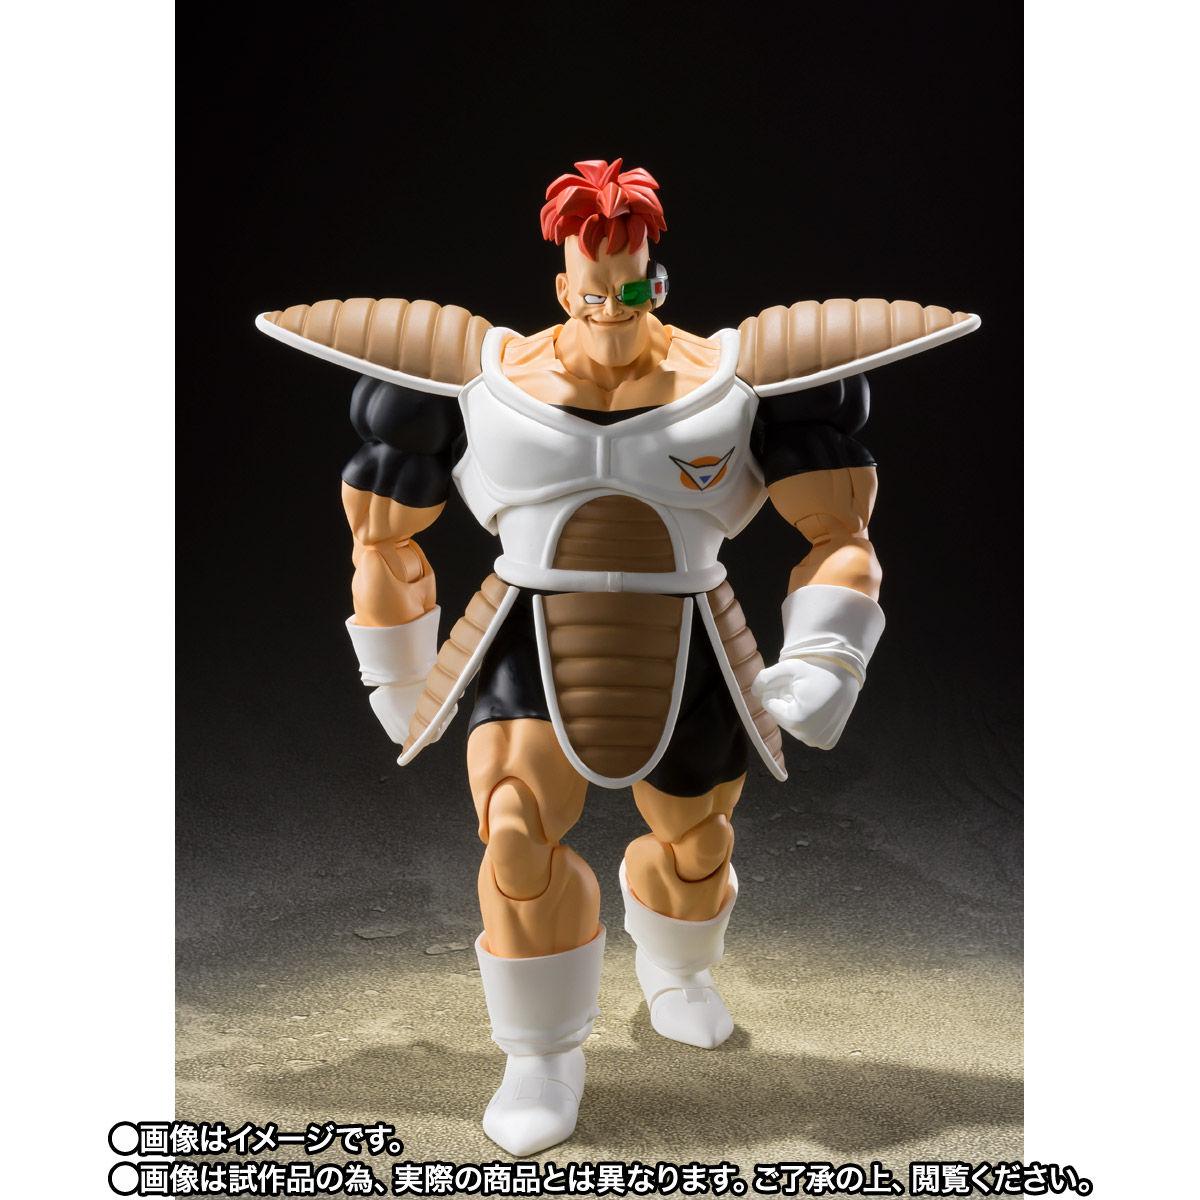 【限定販売】S.H.Figuarts『リクーム』ドラゴンボールZ 可動フィギュア-002